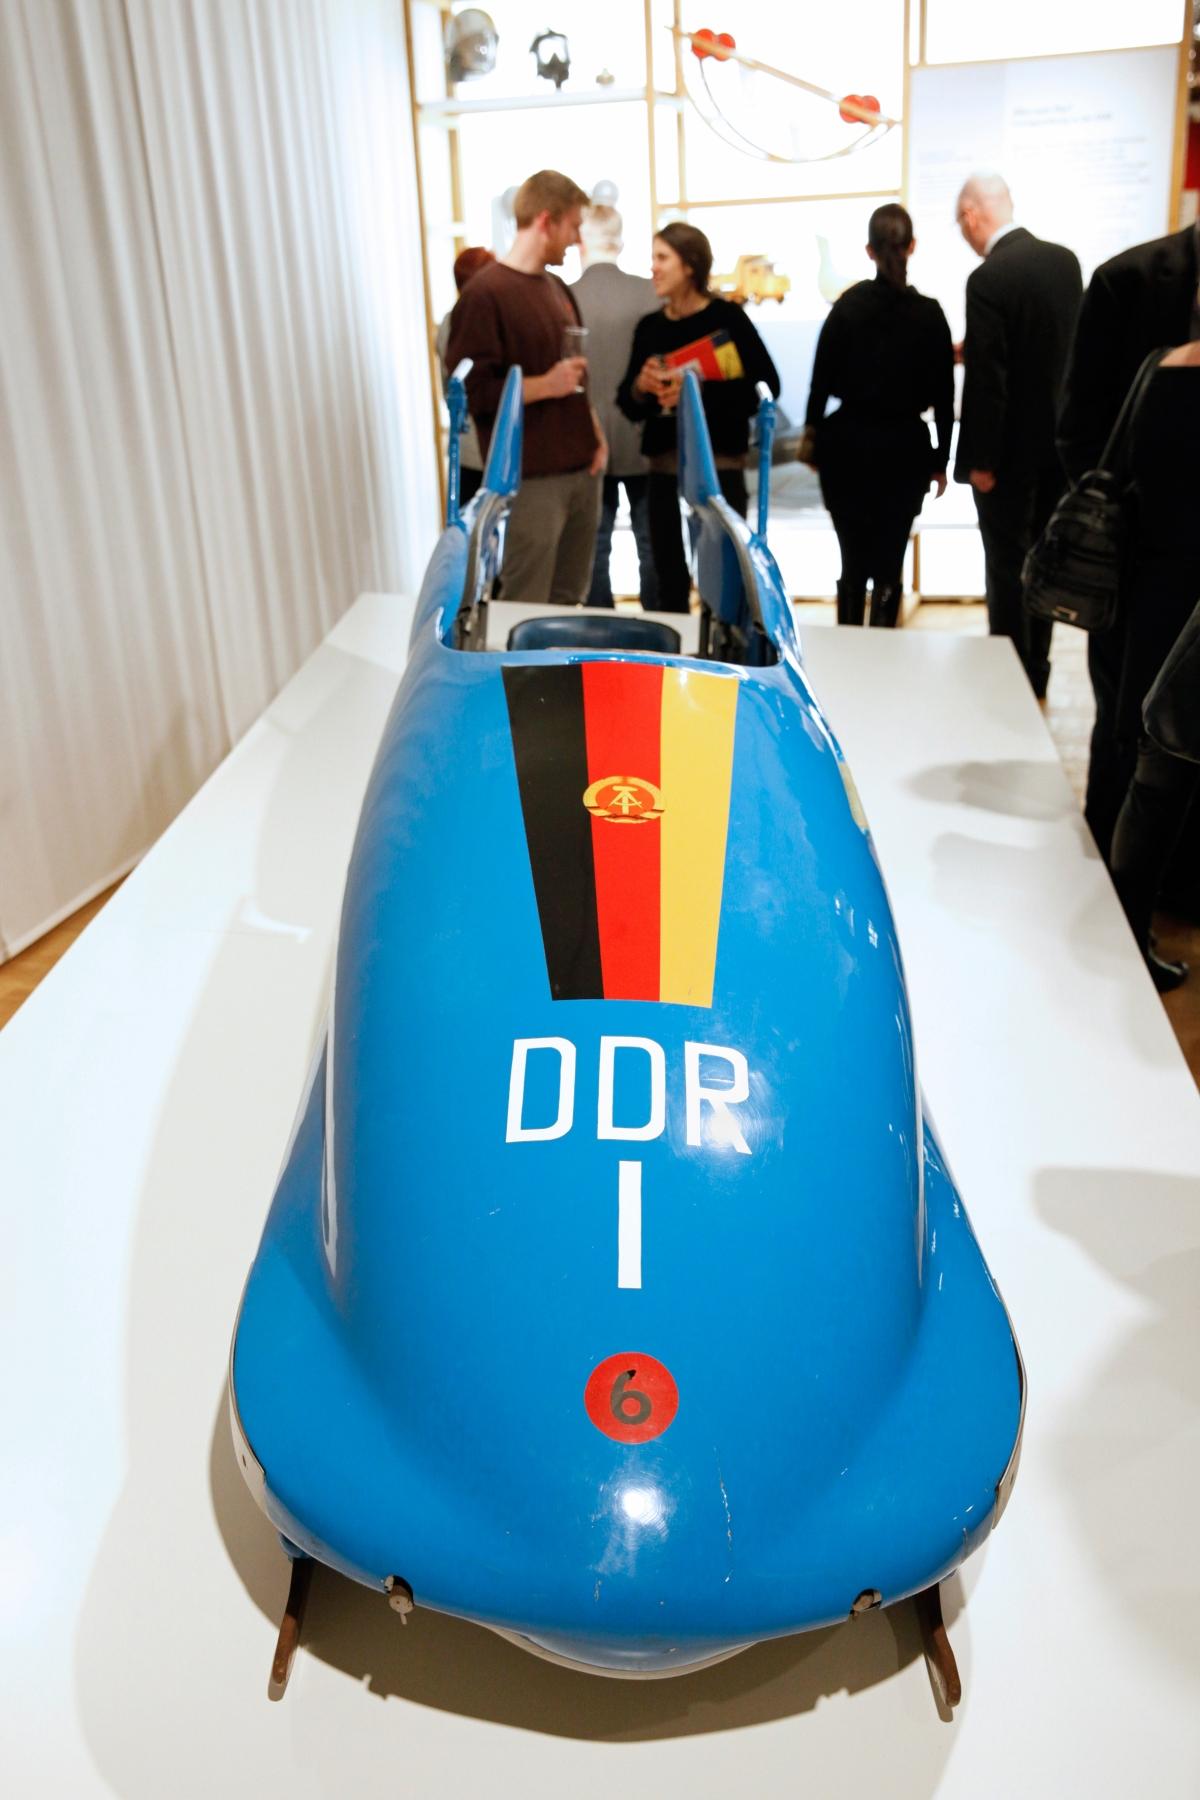 Bobschlitten mit DDR-Flagge